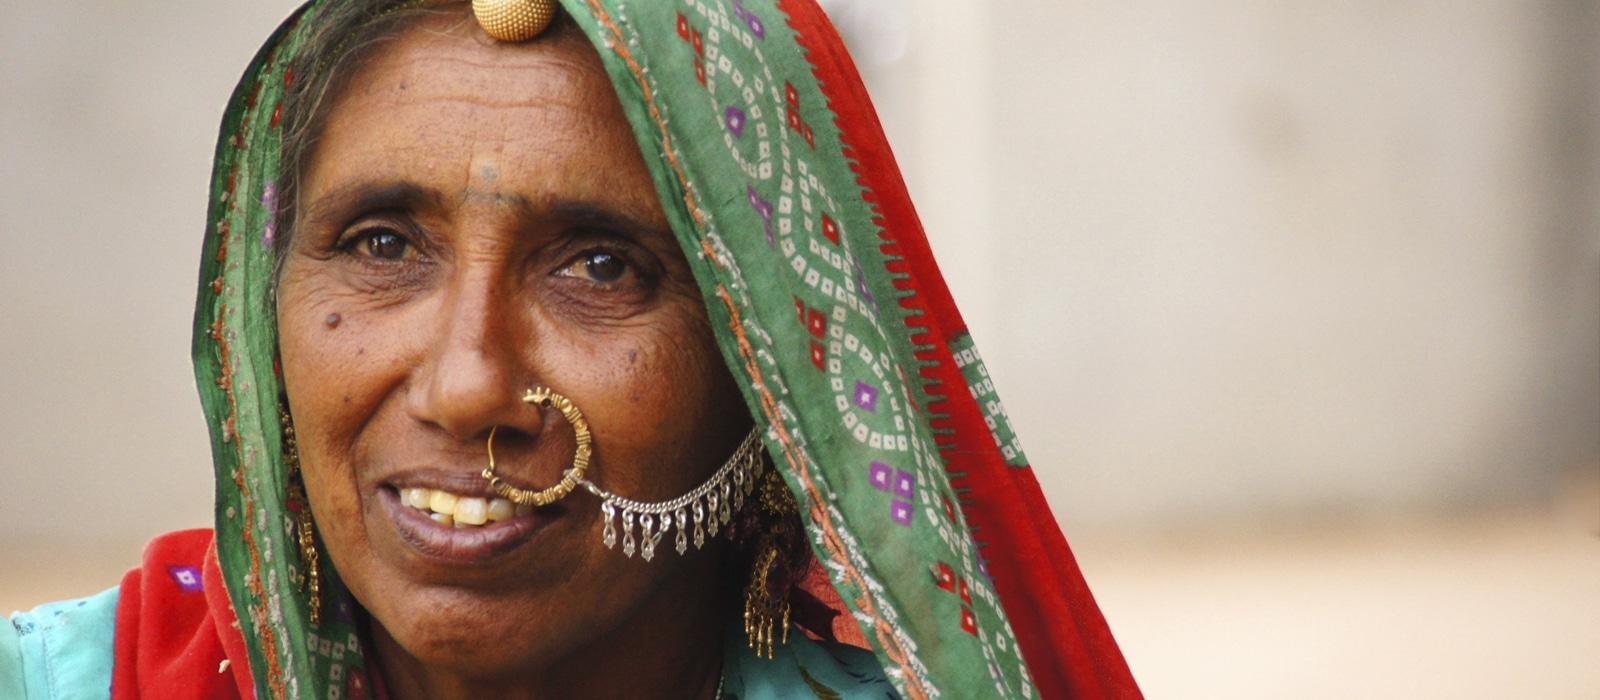 img-diapo-entete - Rajasthan-1600x700-5.jpg